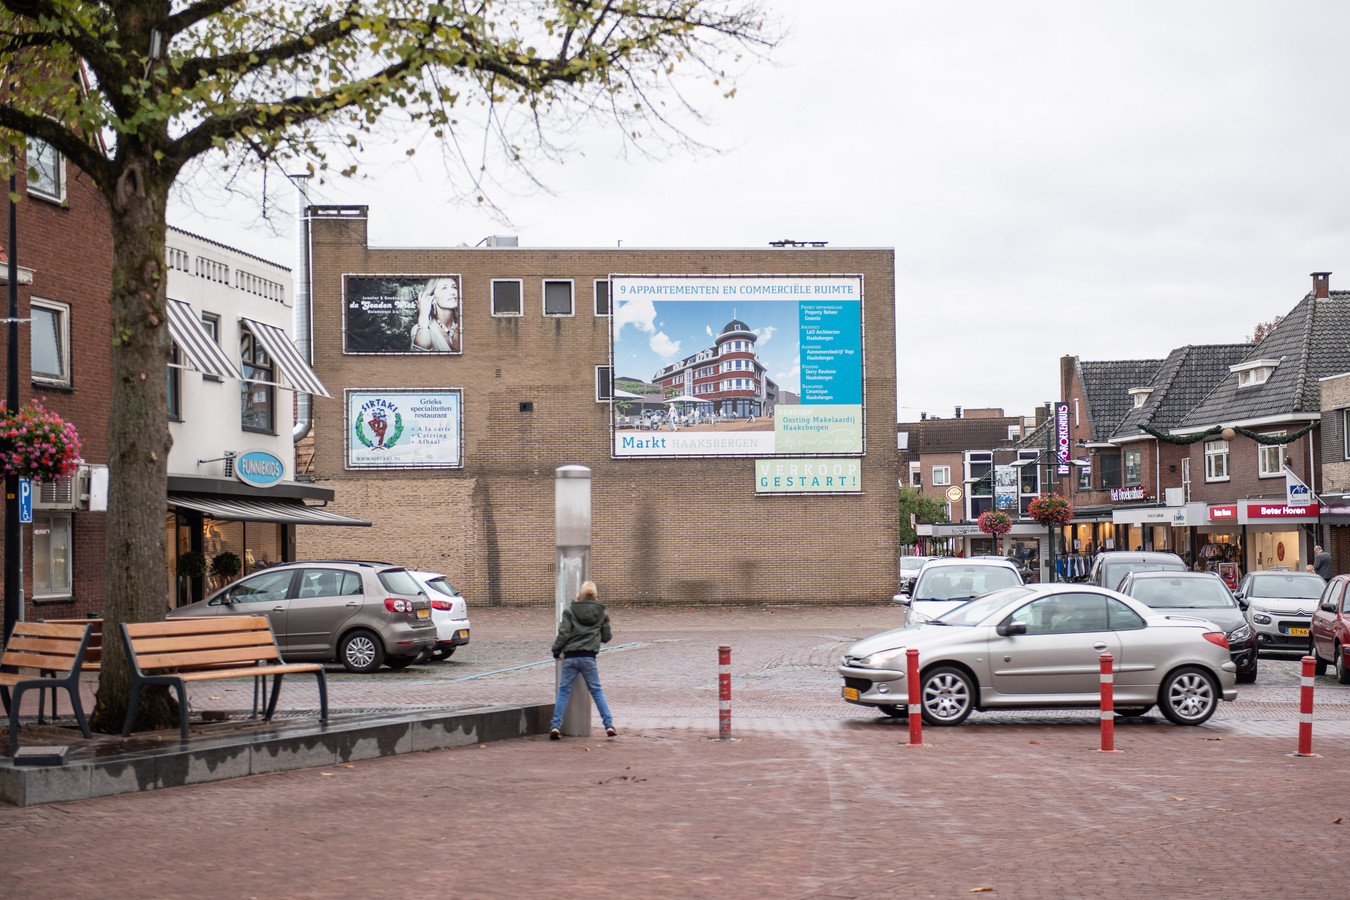 836 euro per vierkante meter vroeg de gemeente voor de grond aan de Molenstraat, die dezelfde dag voor 2169 euro per vierkante meter is verkocht.